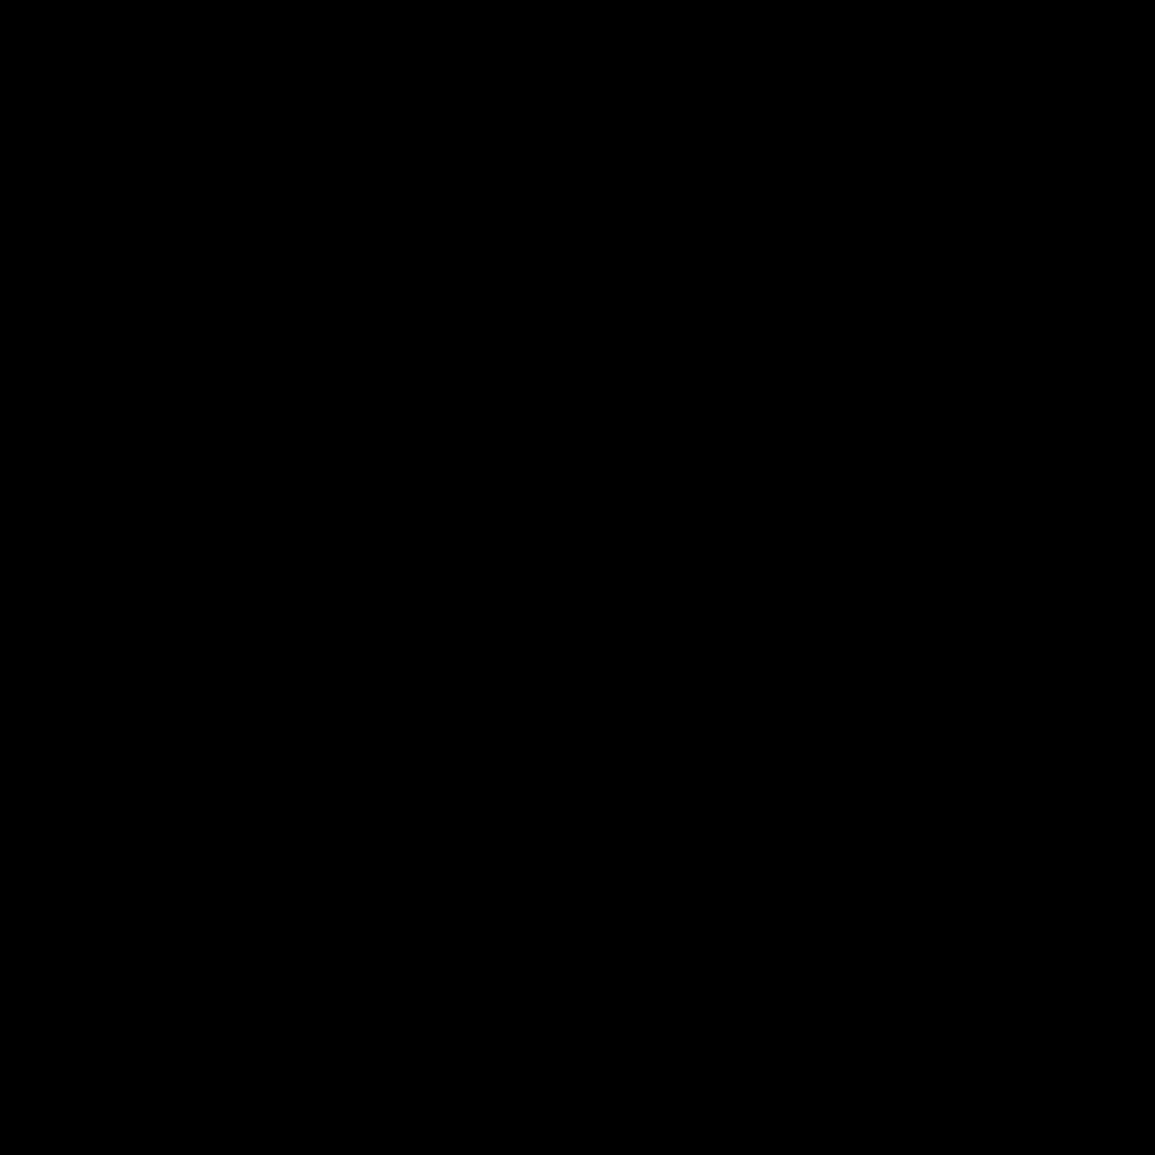 ゴカール E(かな) EGC 字形見本